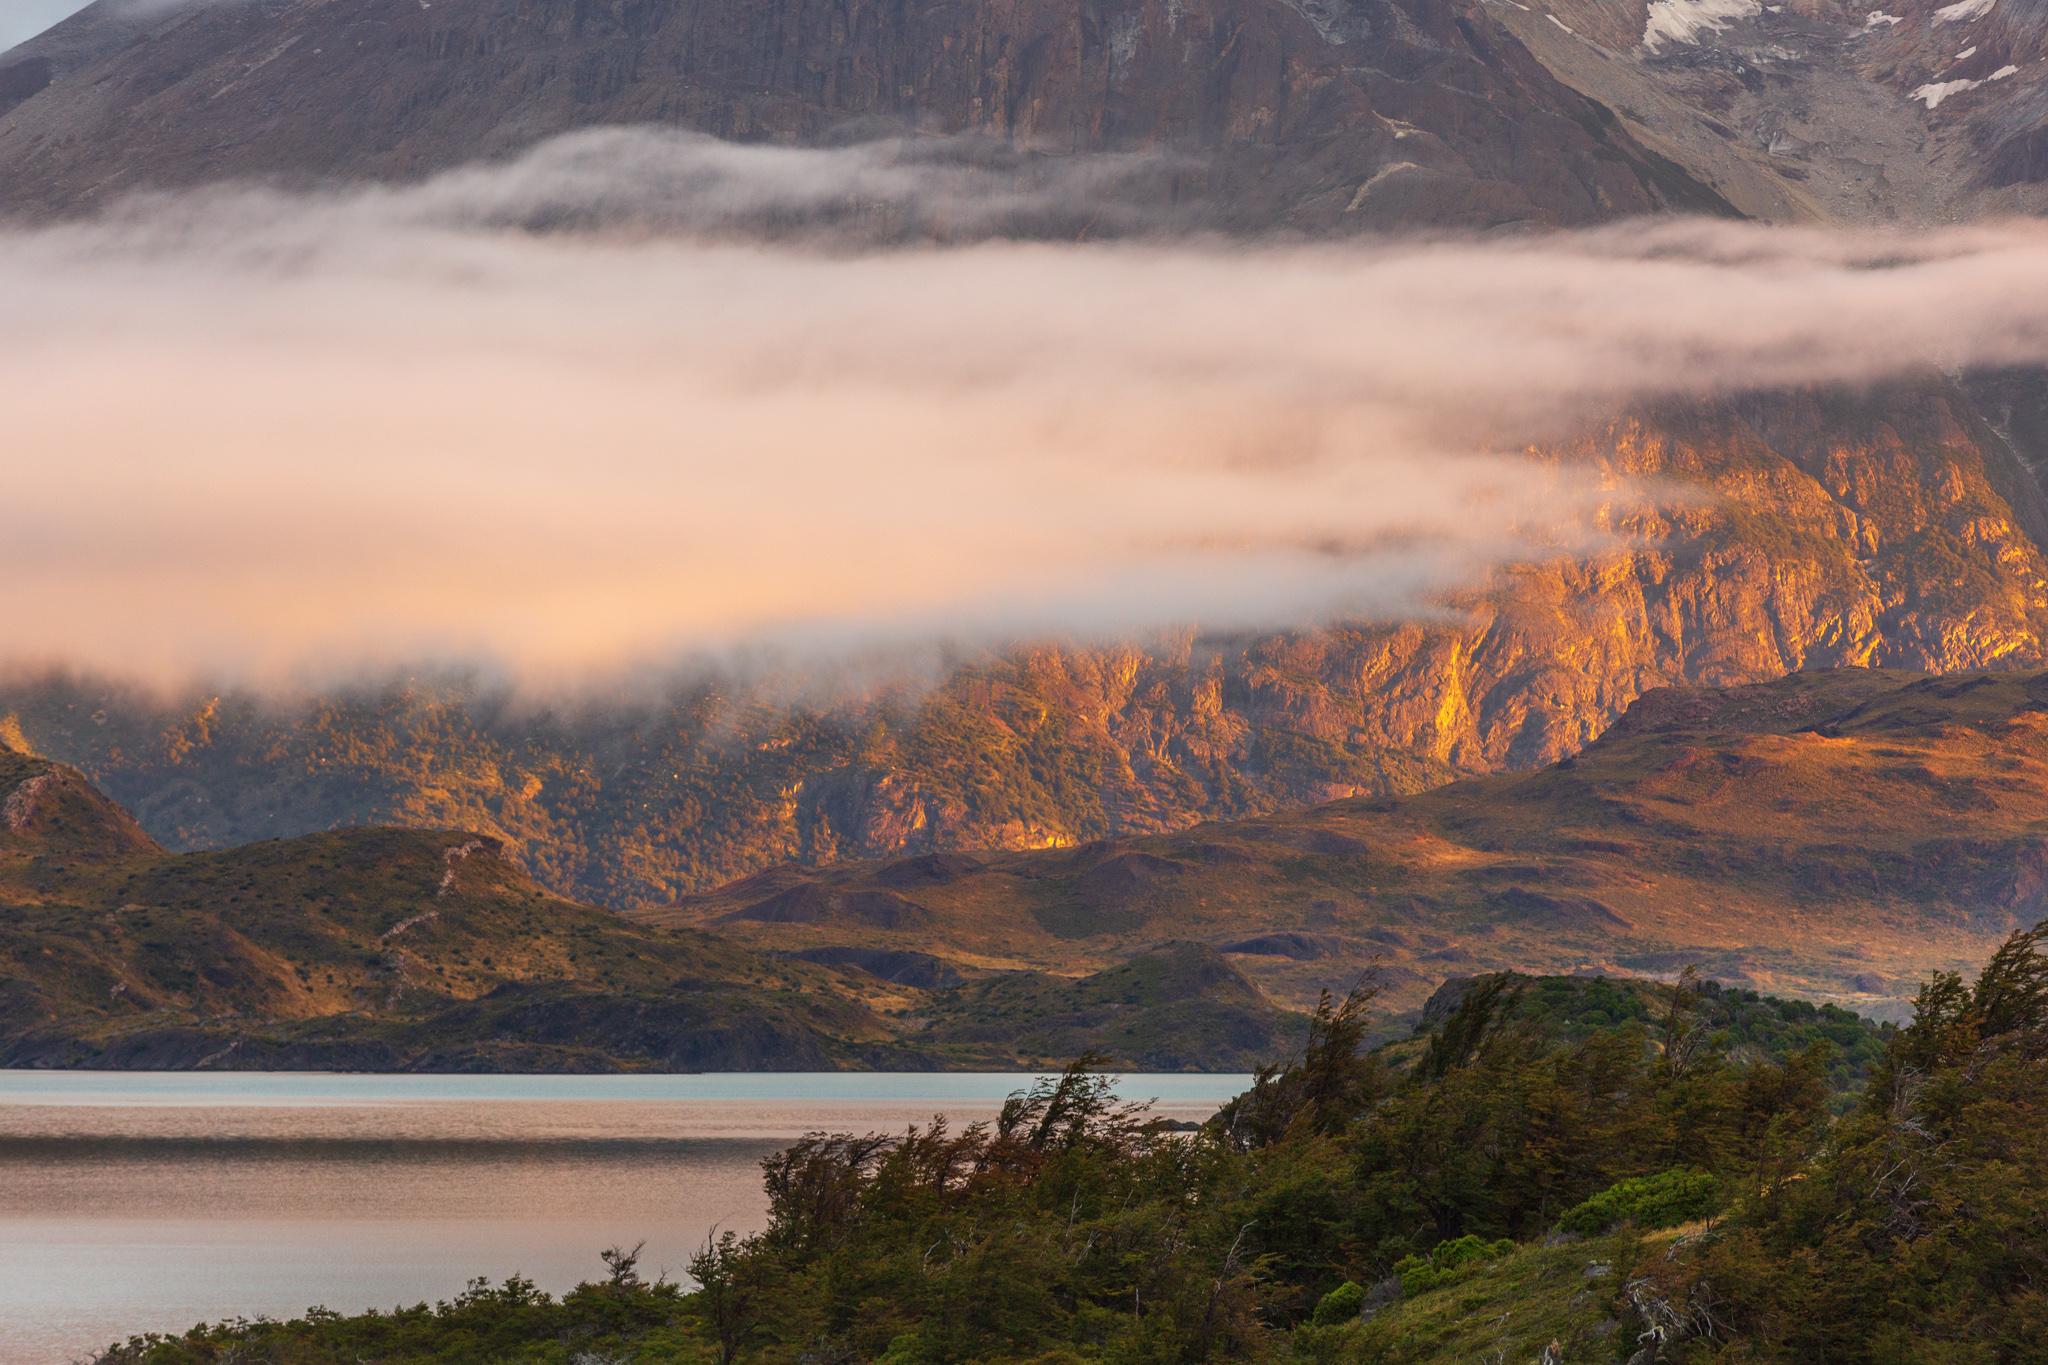 Photo: Das Licht streicht über den Lago Nordenskjöld und trifft die Basis der Cuernos